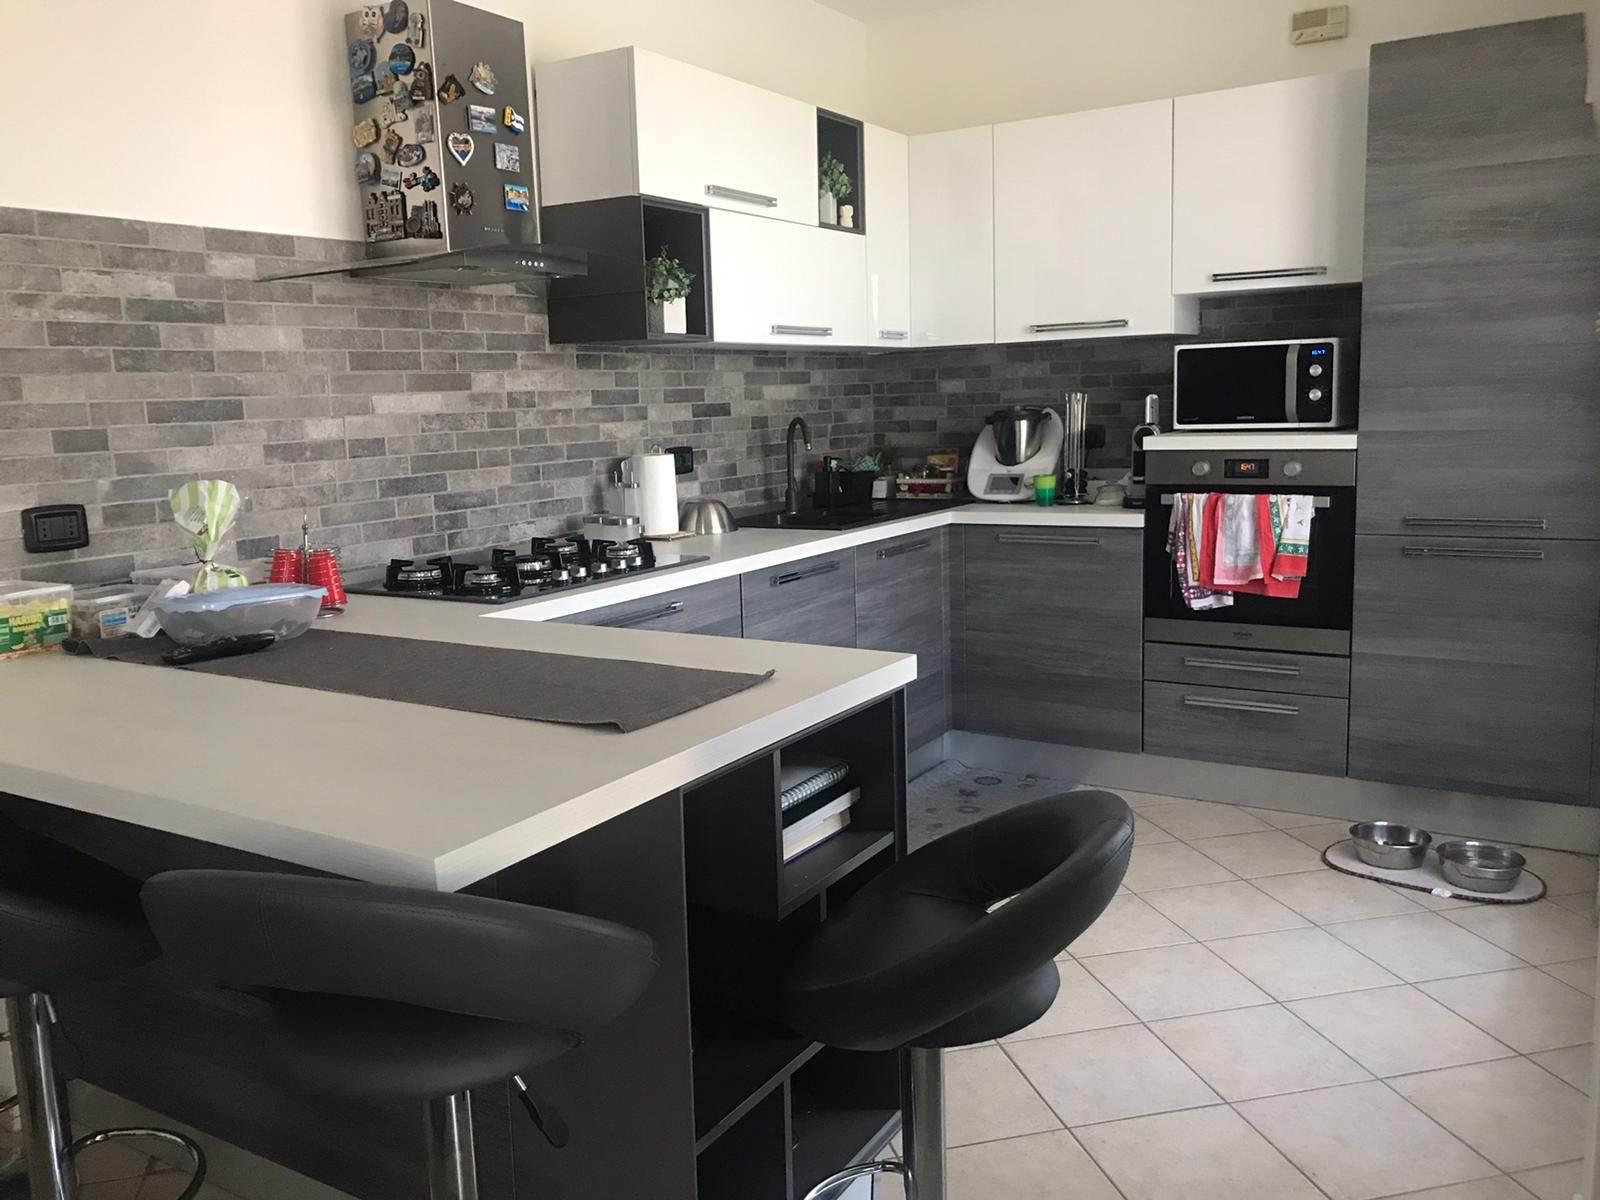 appartamento-in-vendita-3-locali-san-senone-al-lambro-trilocale-spaziourbano-immobiliare-vende-5